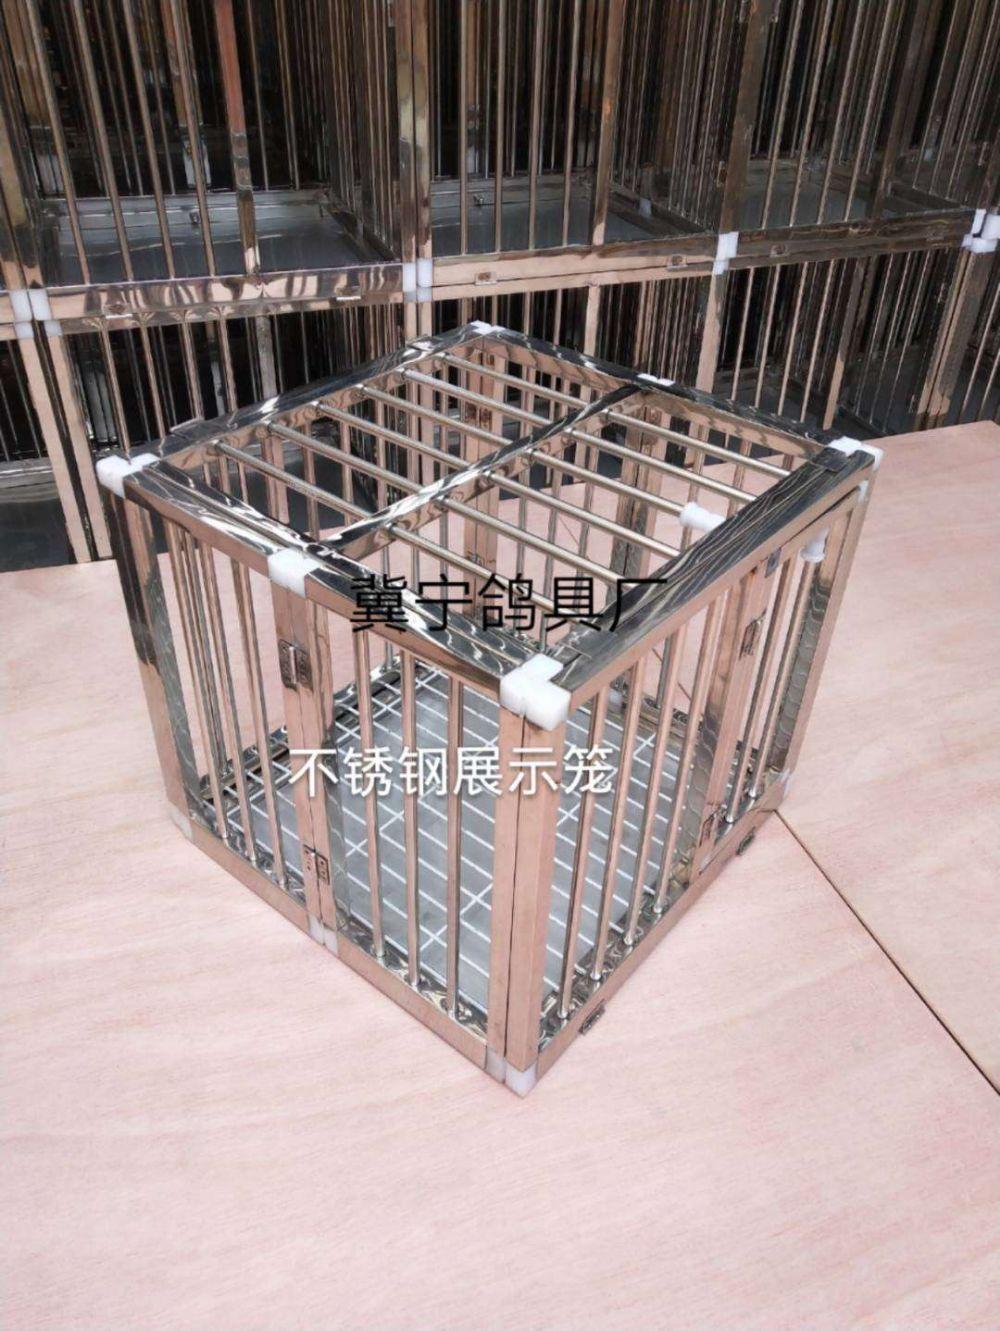 鸽具-信鸽用品-展示笼-折叠展示笼-